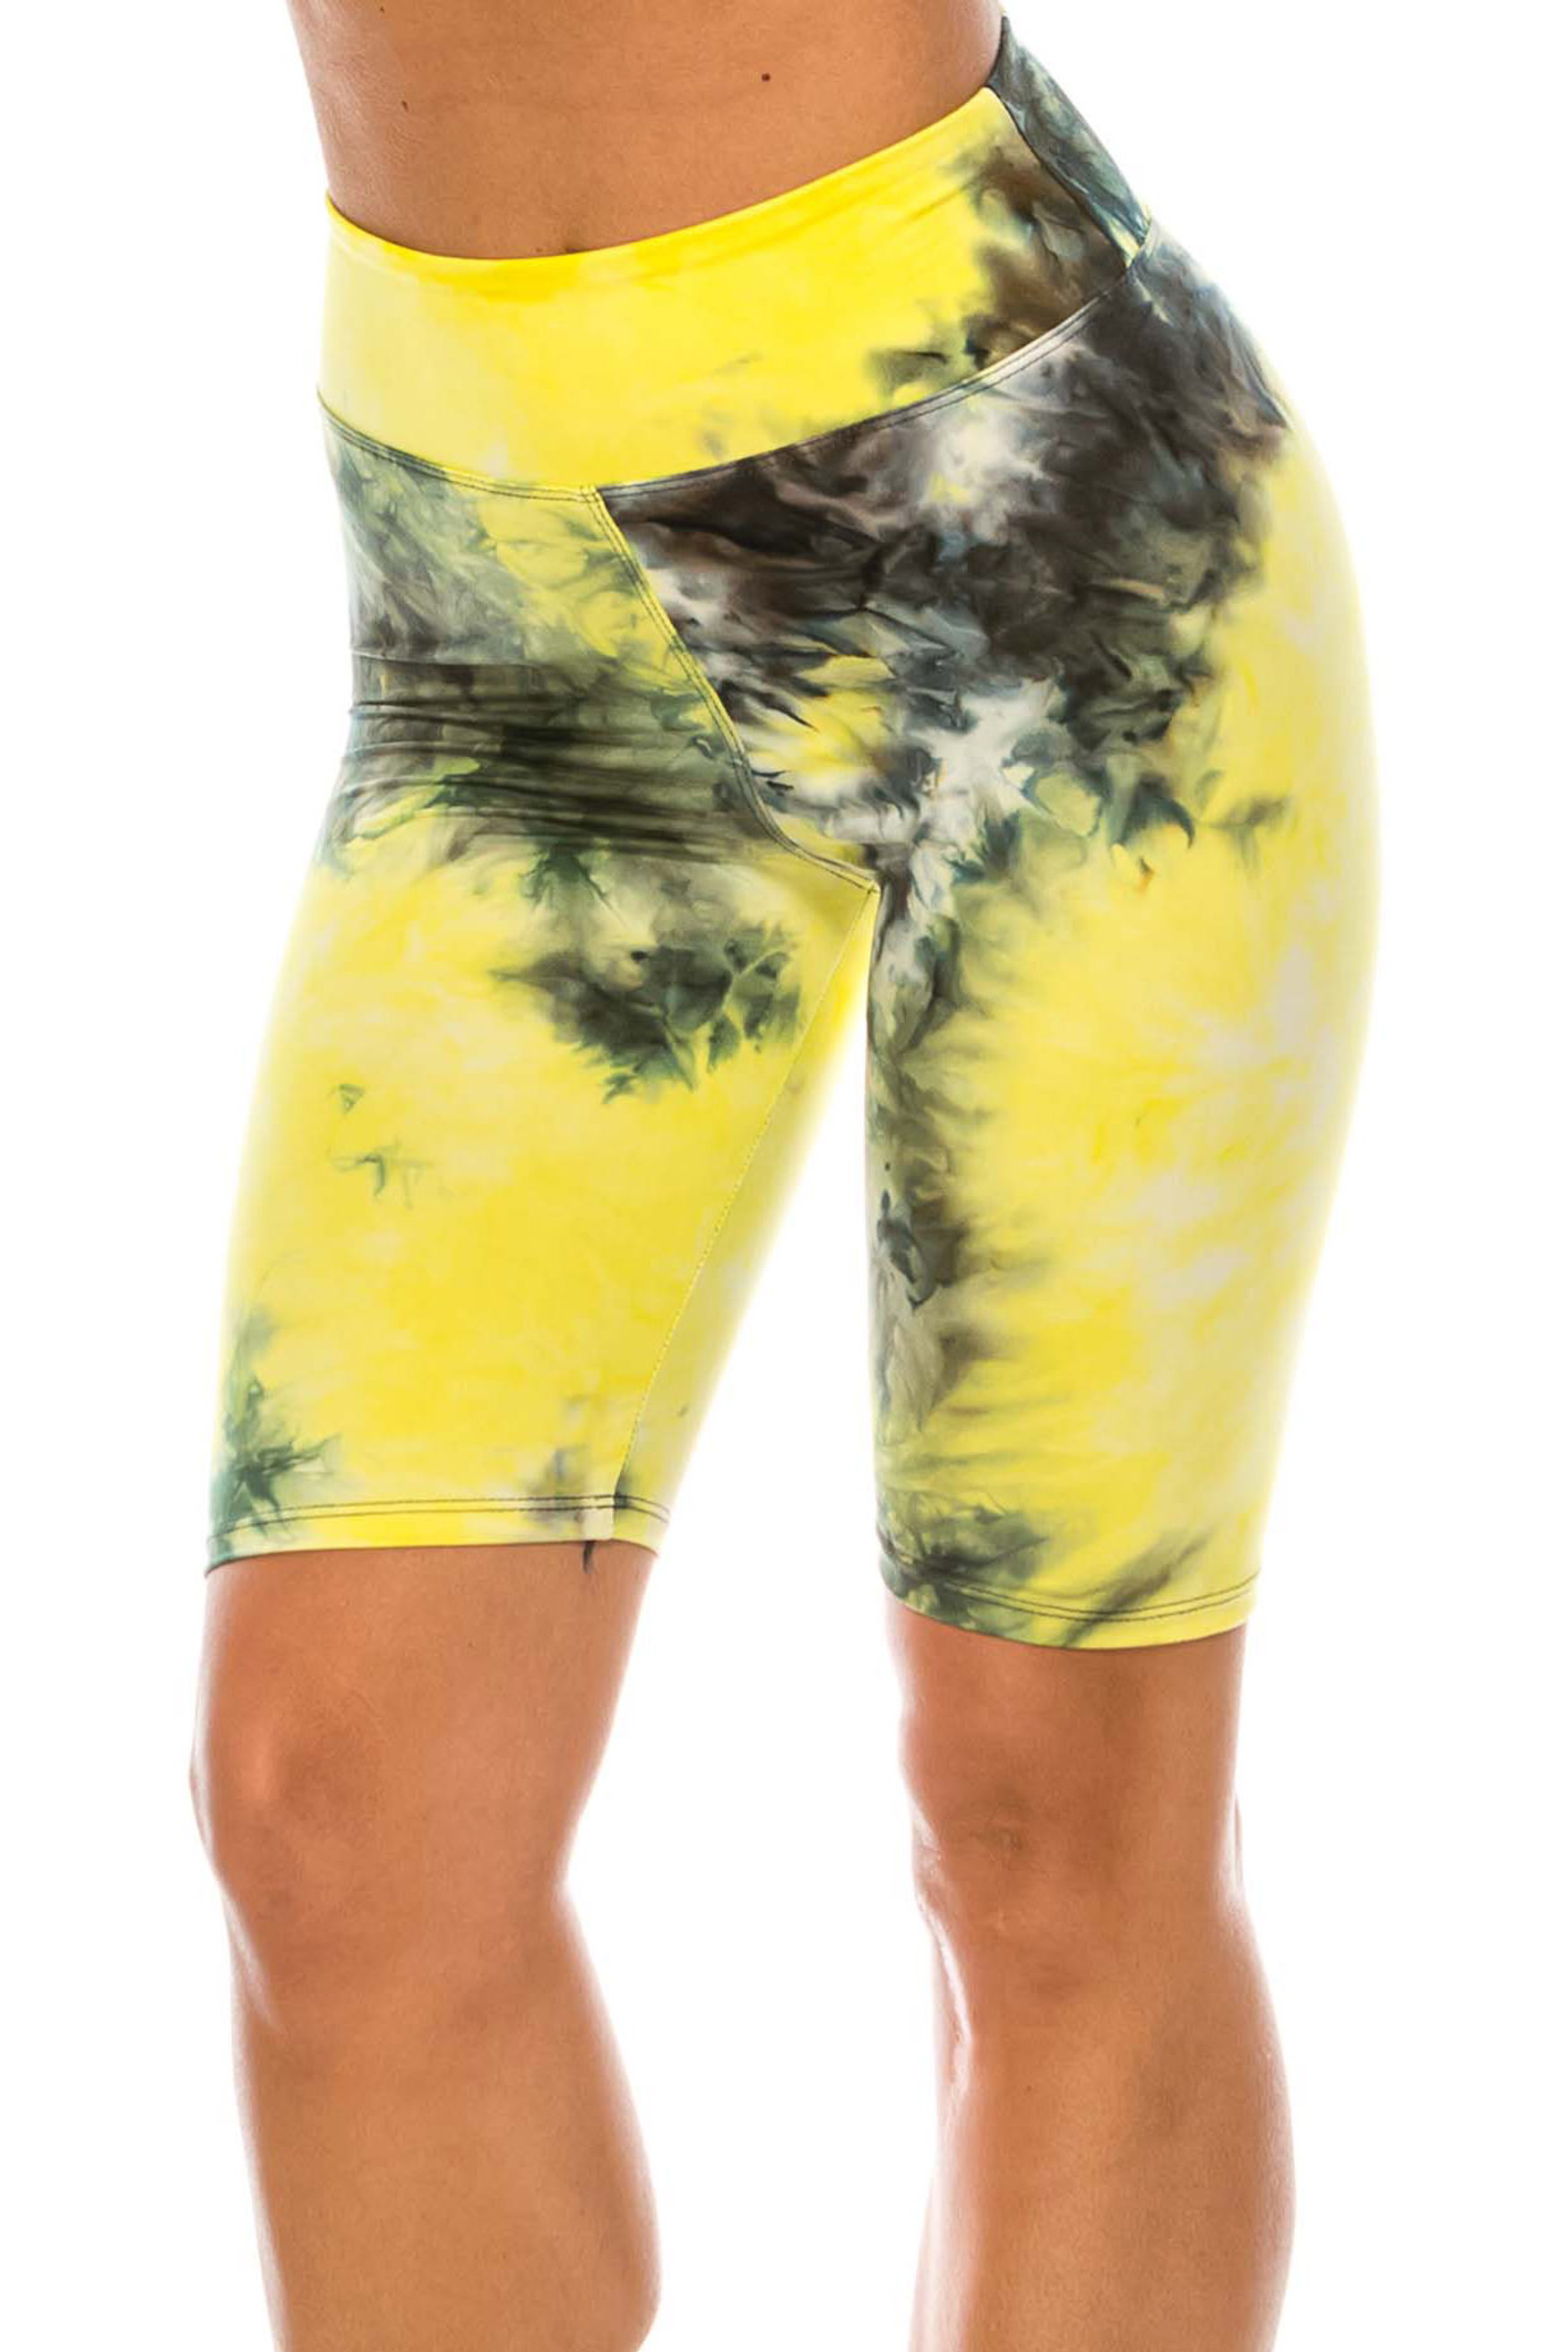 Buttery Soft Tie Dye High Waisted Biker Shorts - 3 Inch Waist